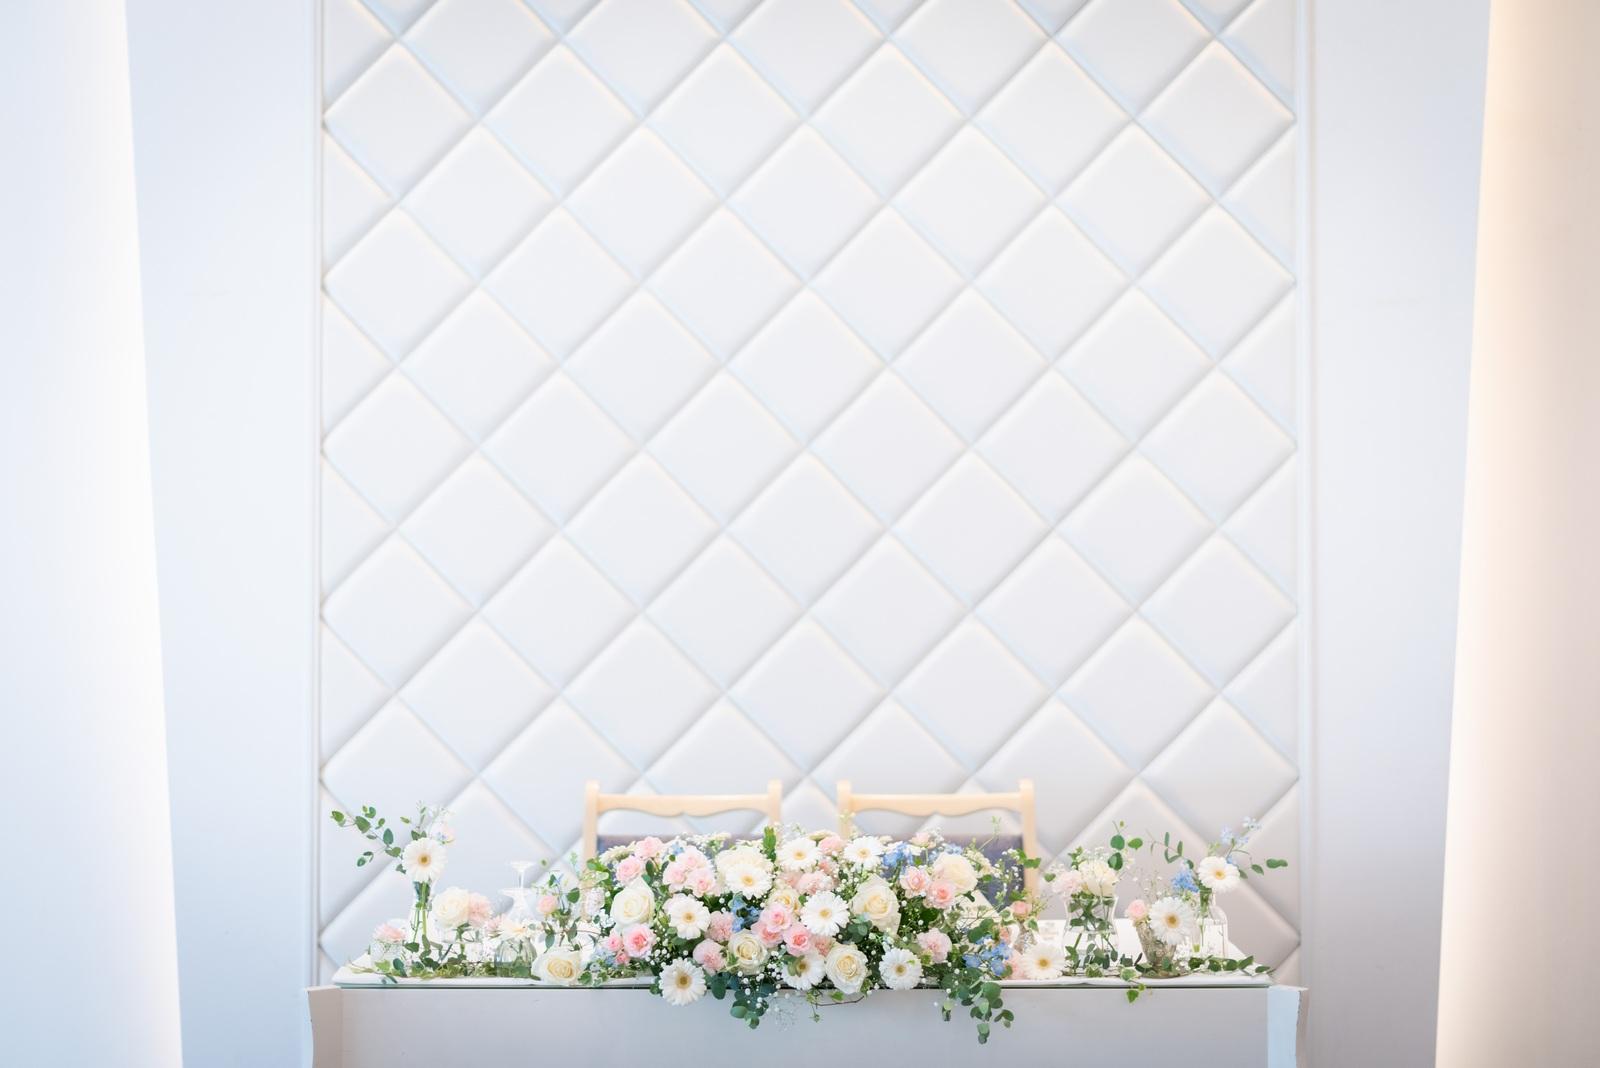 香川県の結婚式場のシェルエメール&アイスタイルのメインテーブル装花